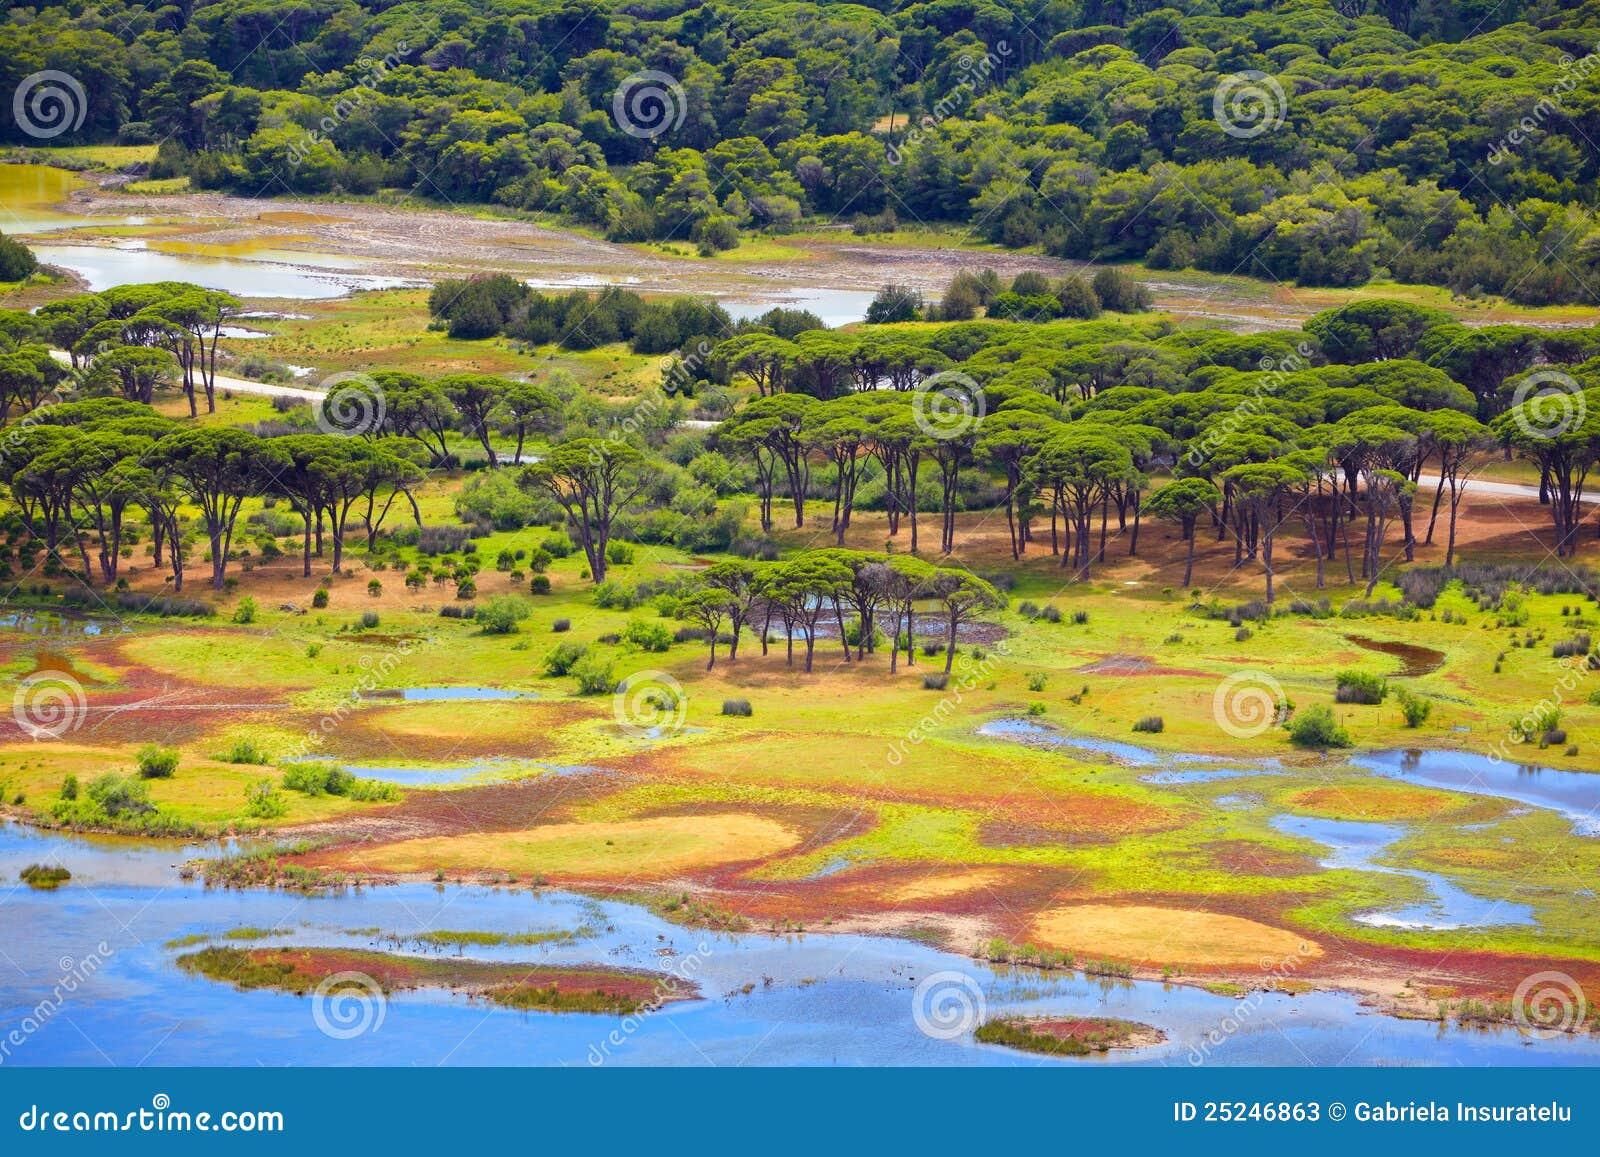 森林希腊小山kalogria盐水湖mavra被看见的ori prokopos夏天.图片